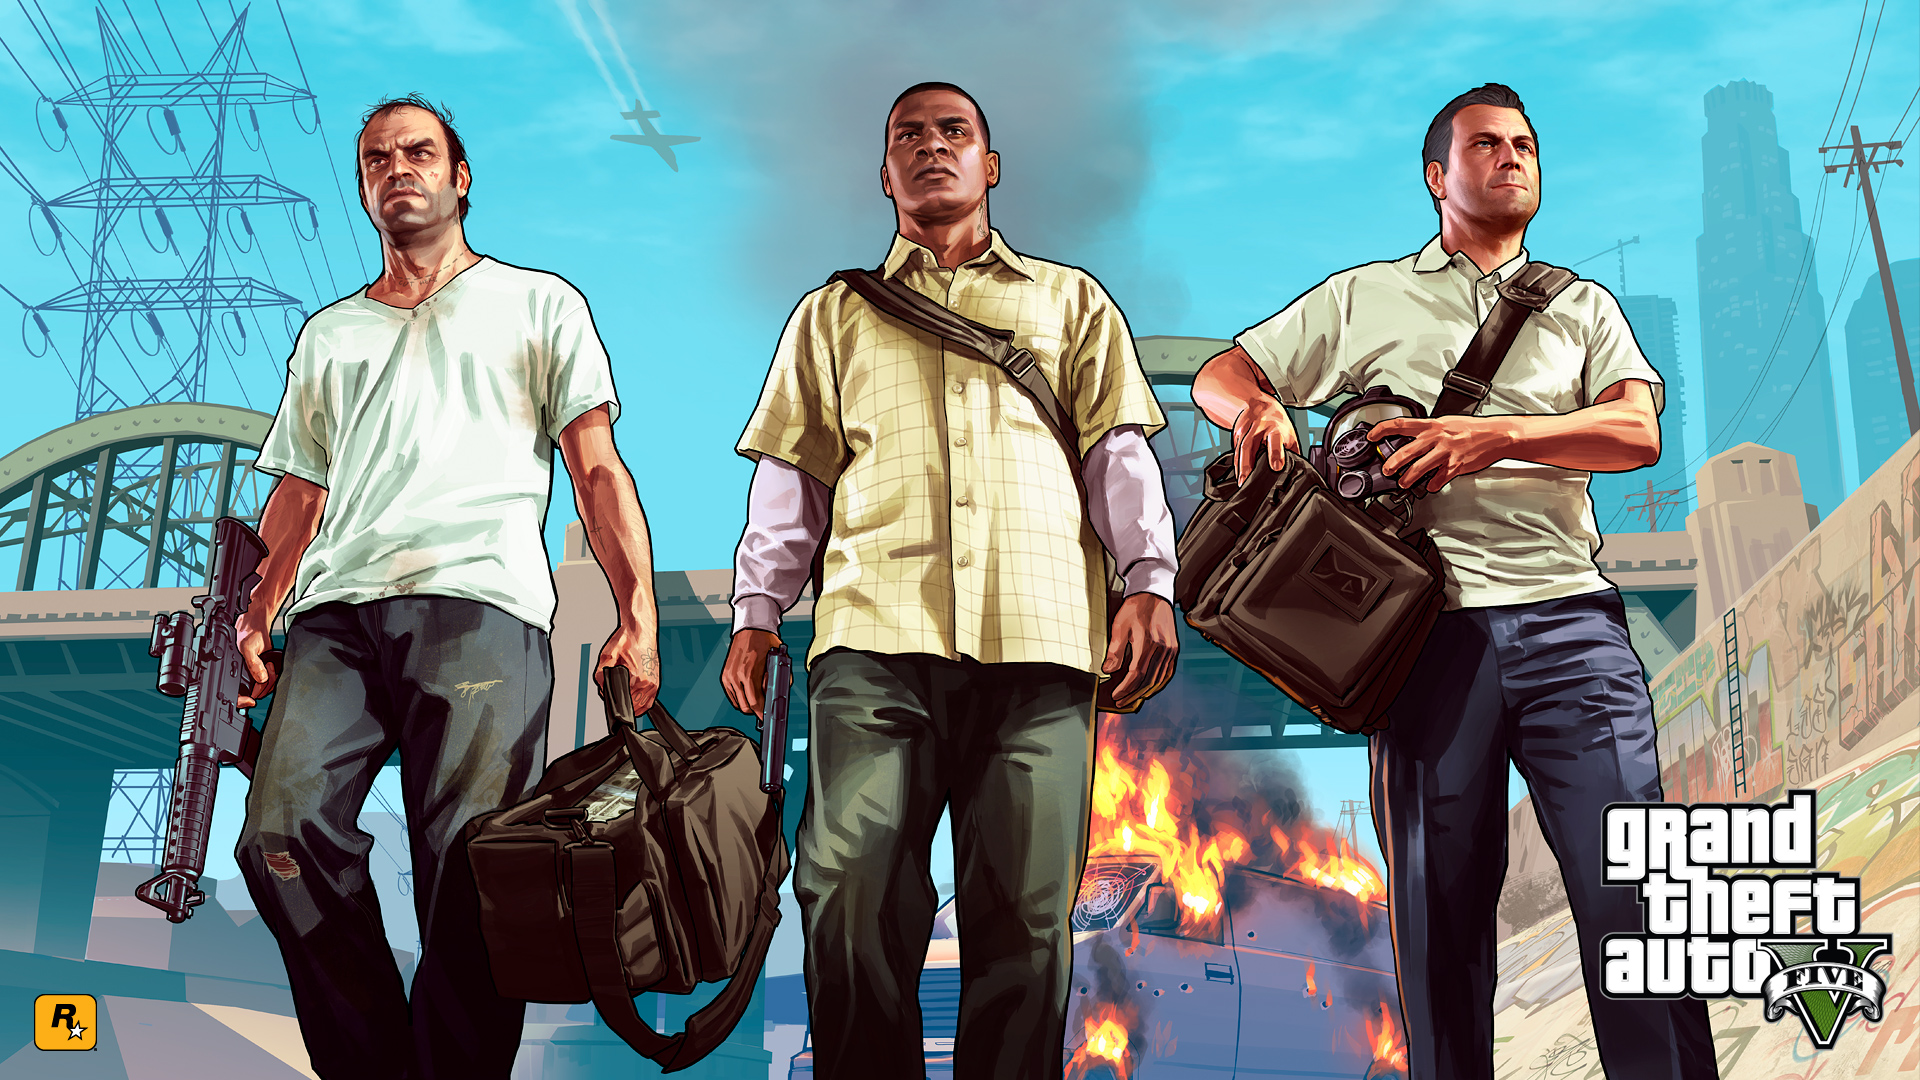 Les meilleurs jeux vidéos de l'année 2013